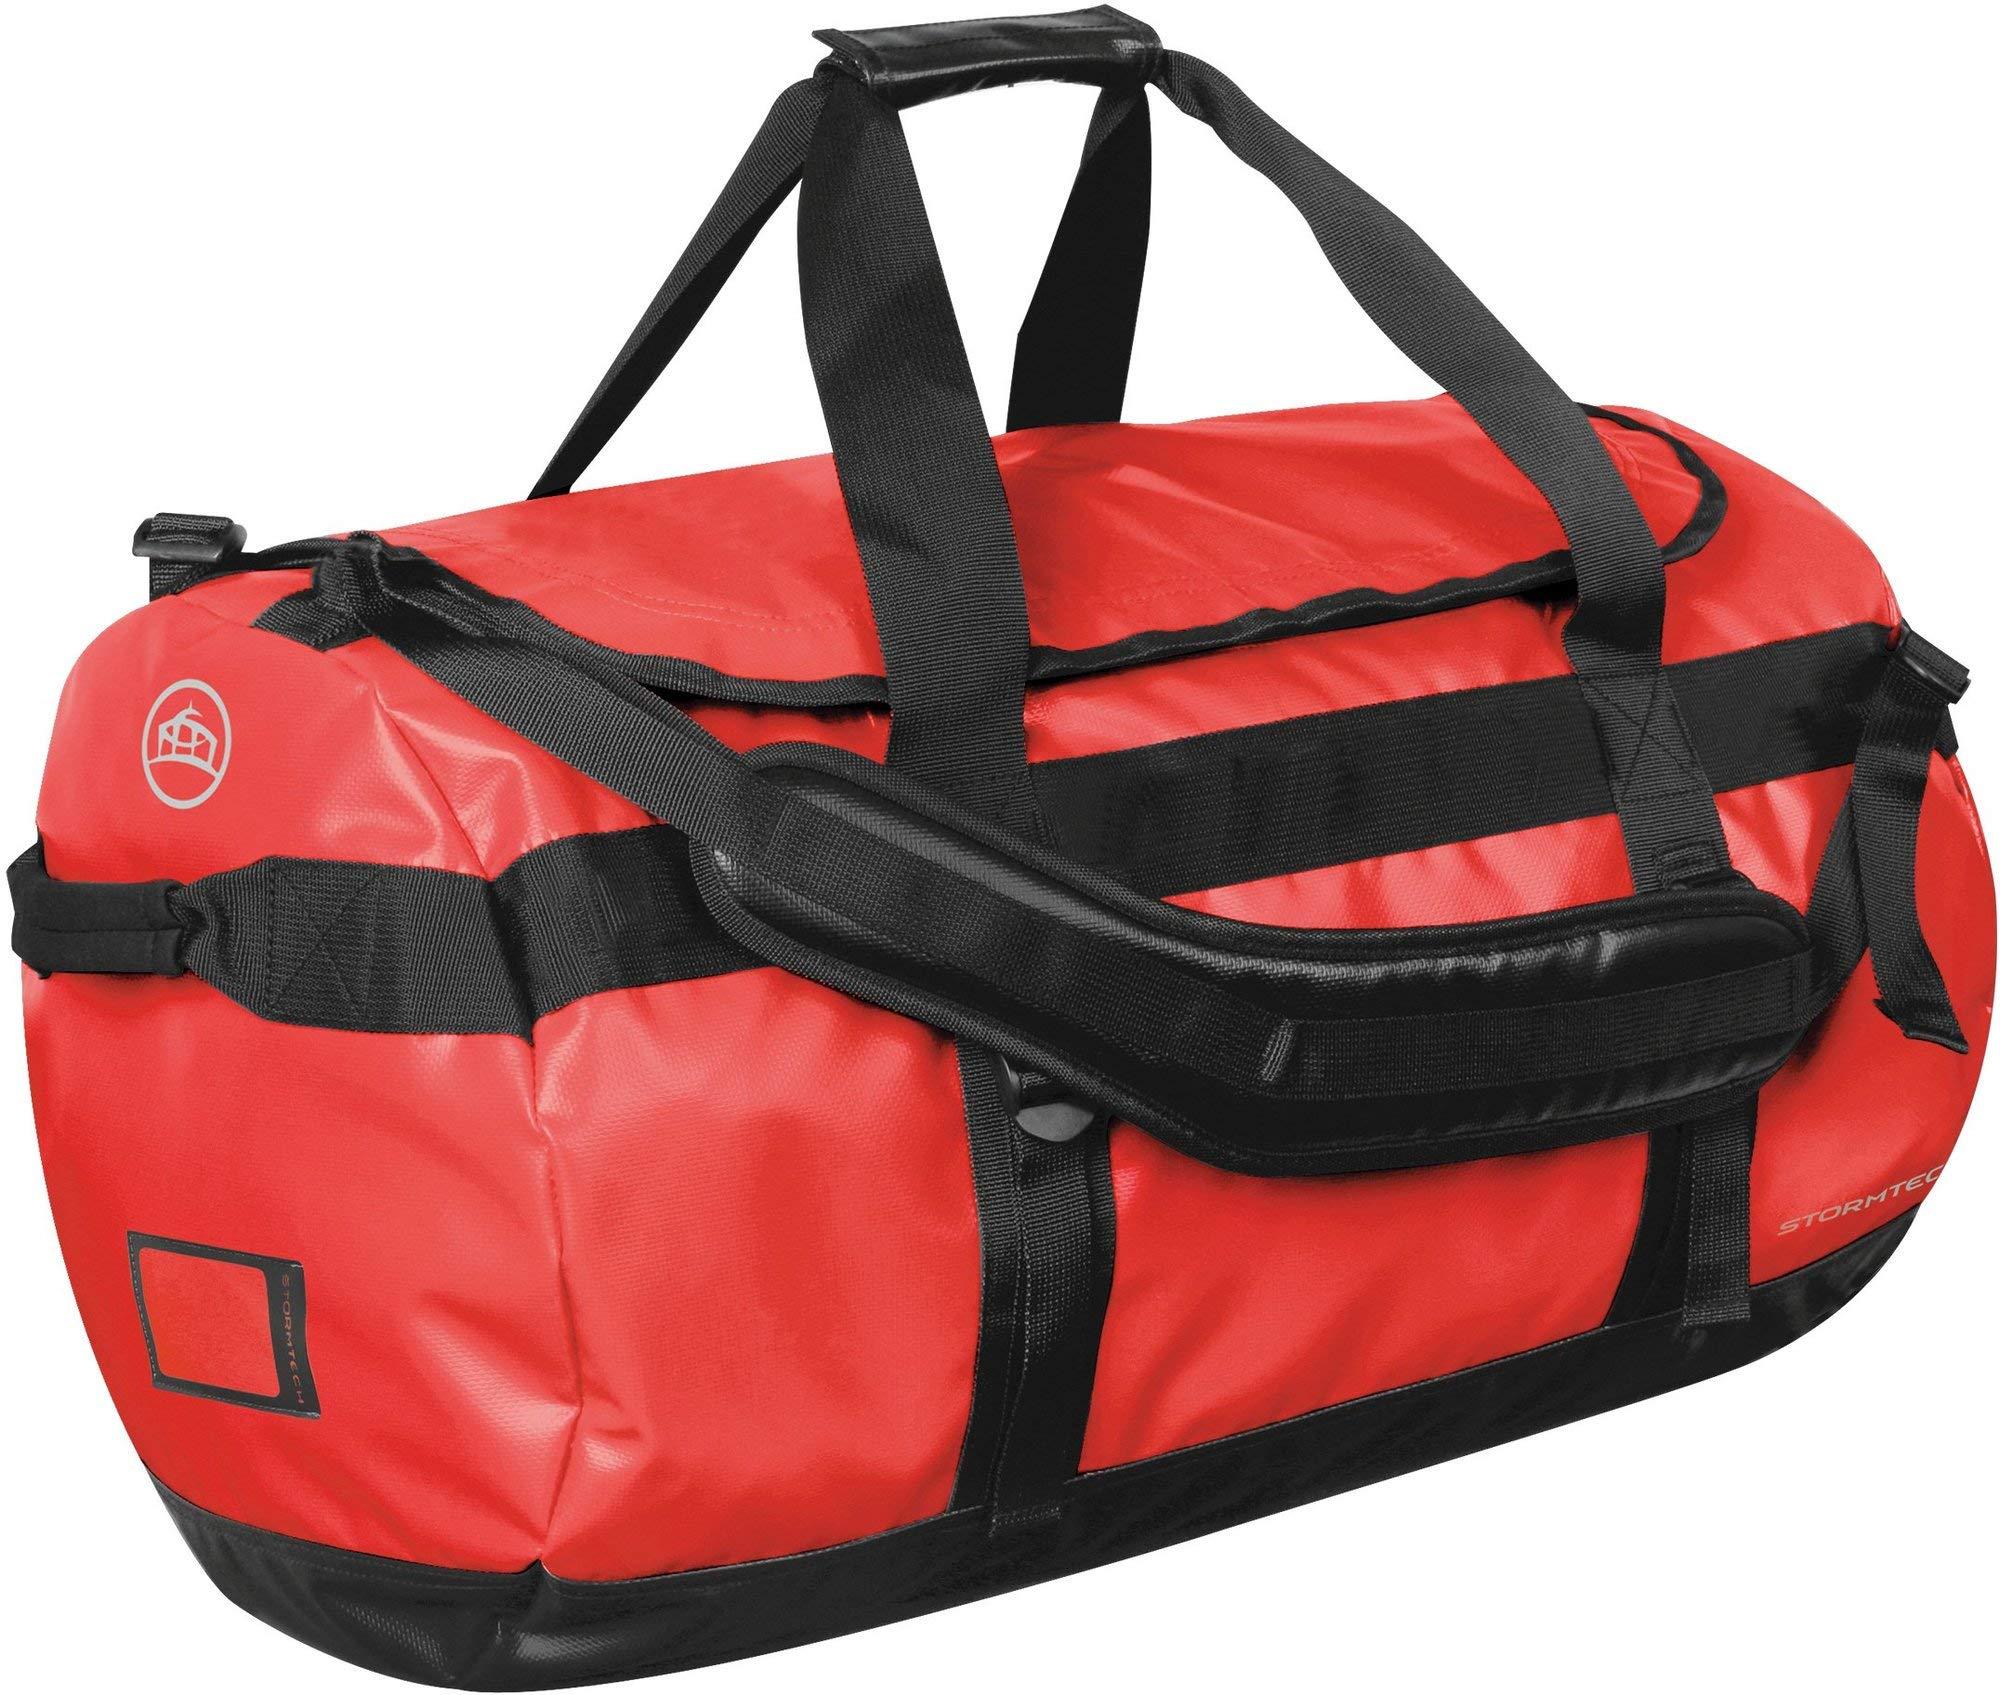 Stormtech - 88L Waterproof Medium Gear Bag - GBW-1M-Bold Red